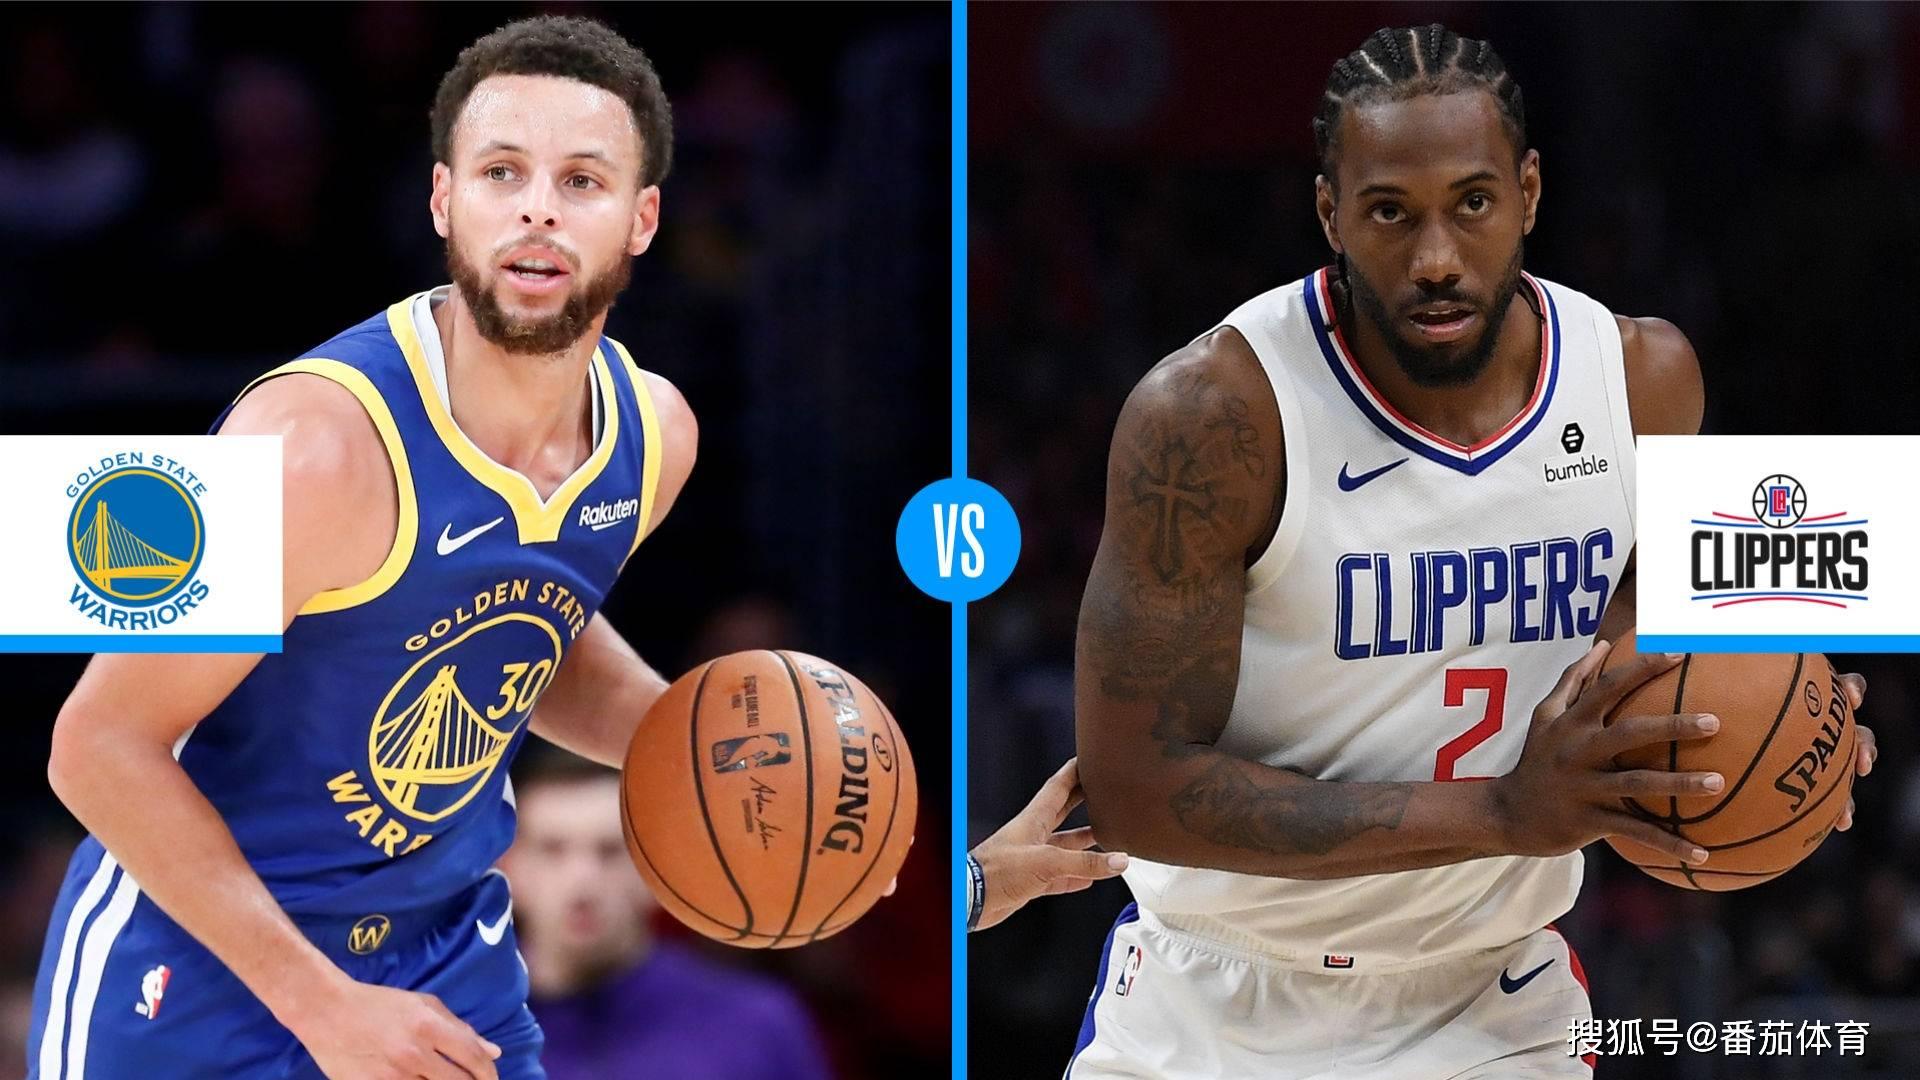 原创             [NBA]核心解读:勇士vs快船,快船蓄势待发